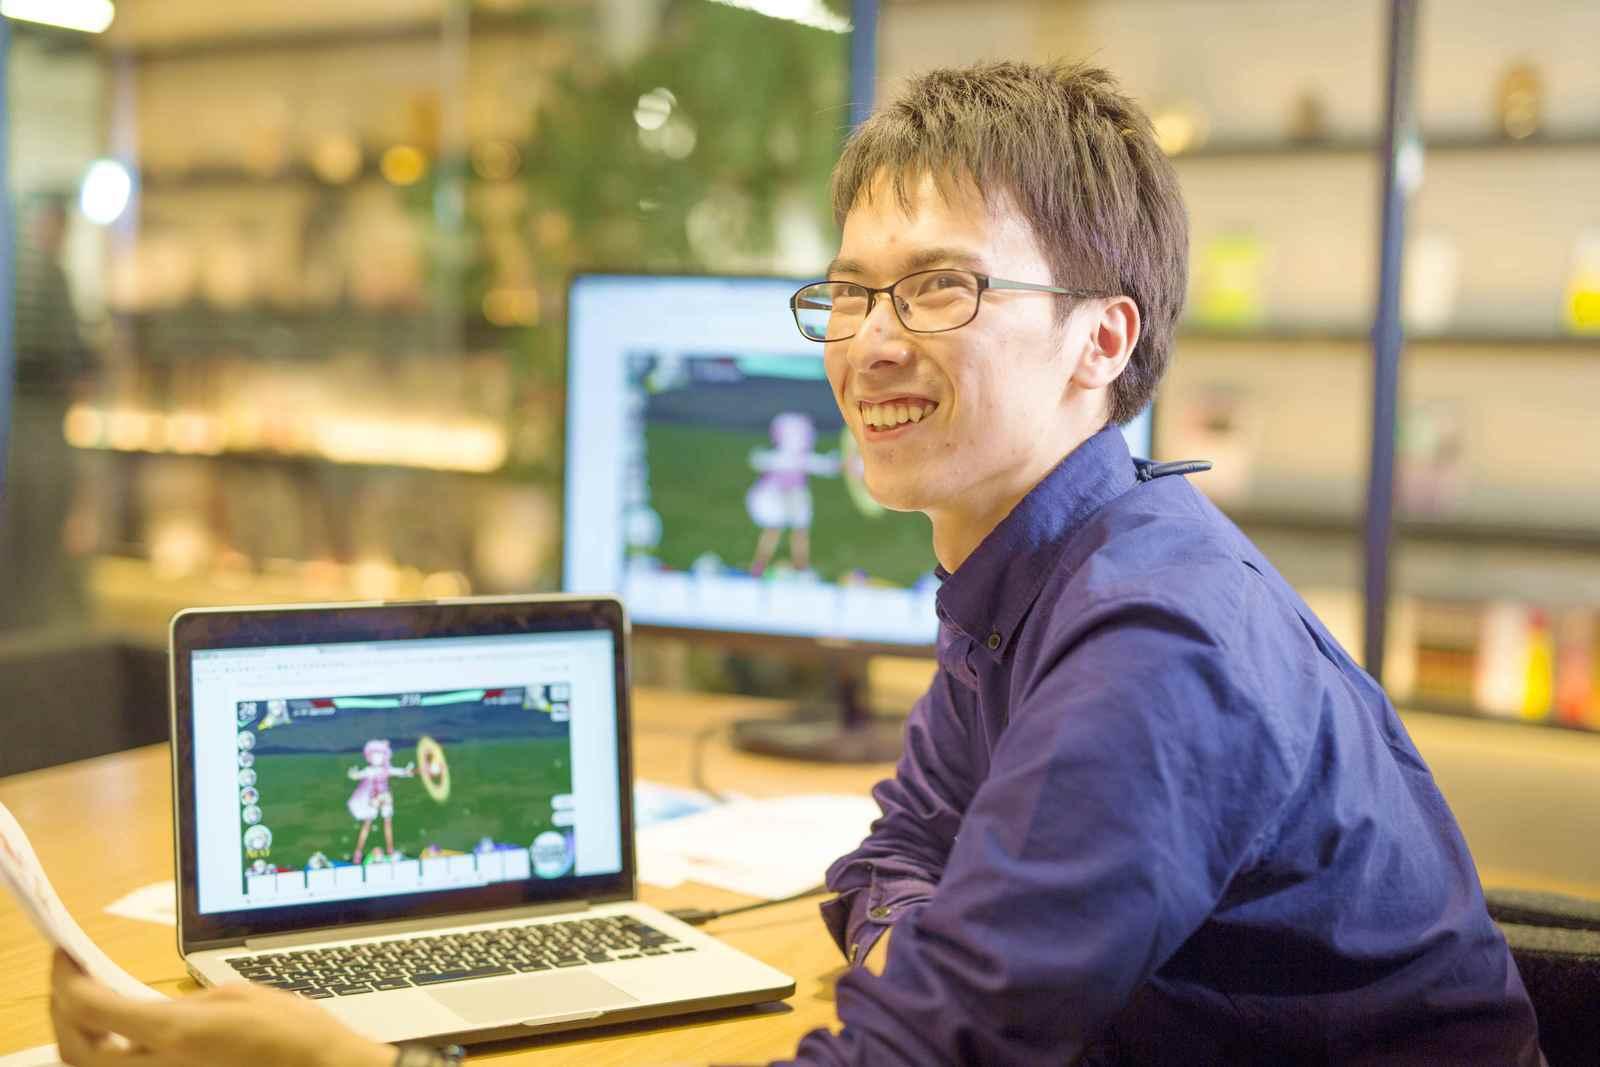 フロントエンドエンジニア(リード)【自社IP/ソーシャルゲーム開発】◎京都オフィス